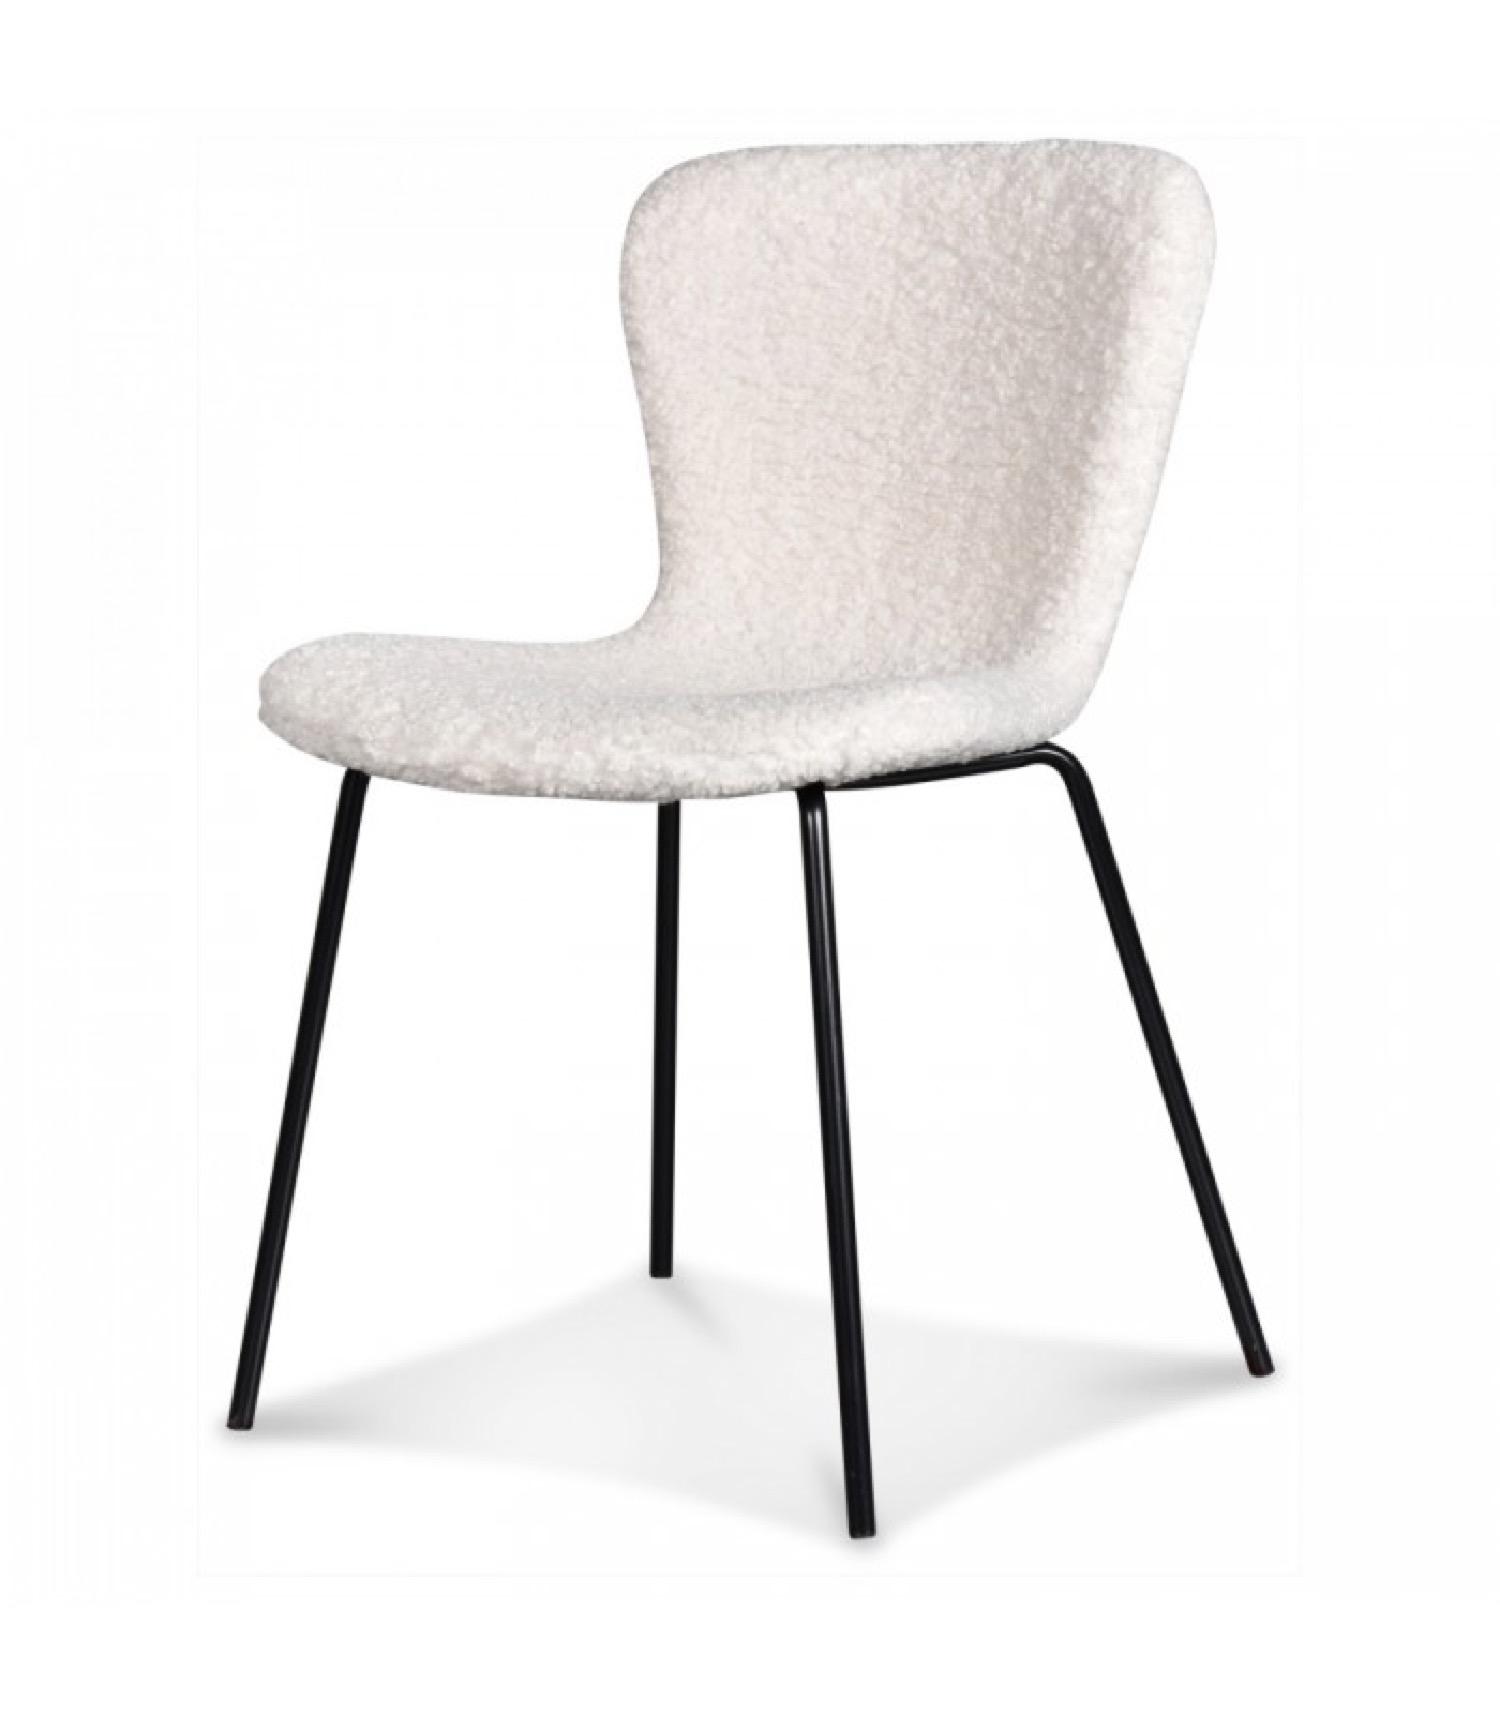 Chaise doudou tissu façon fourrure blanche et pieds noirs